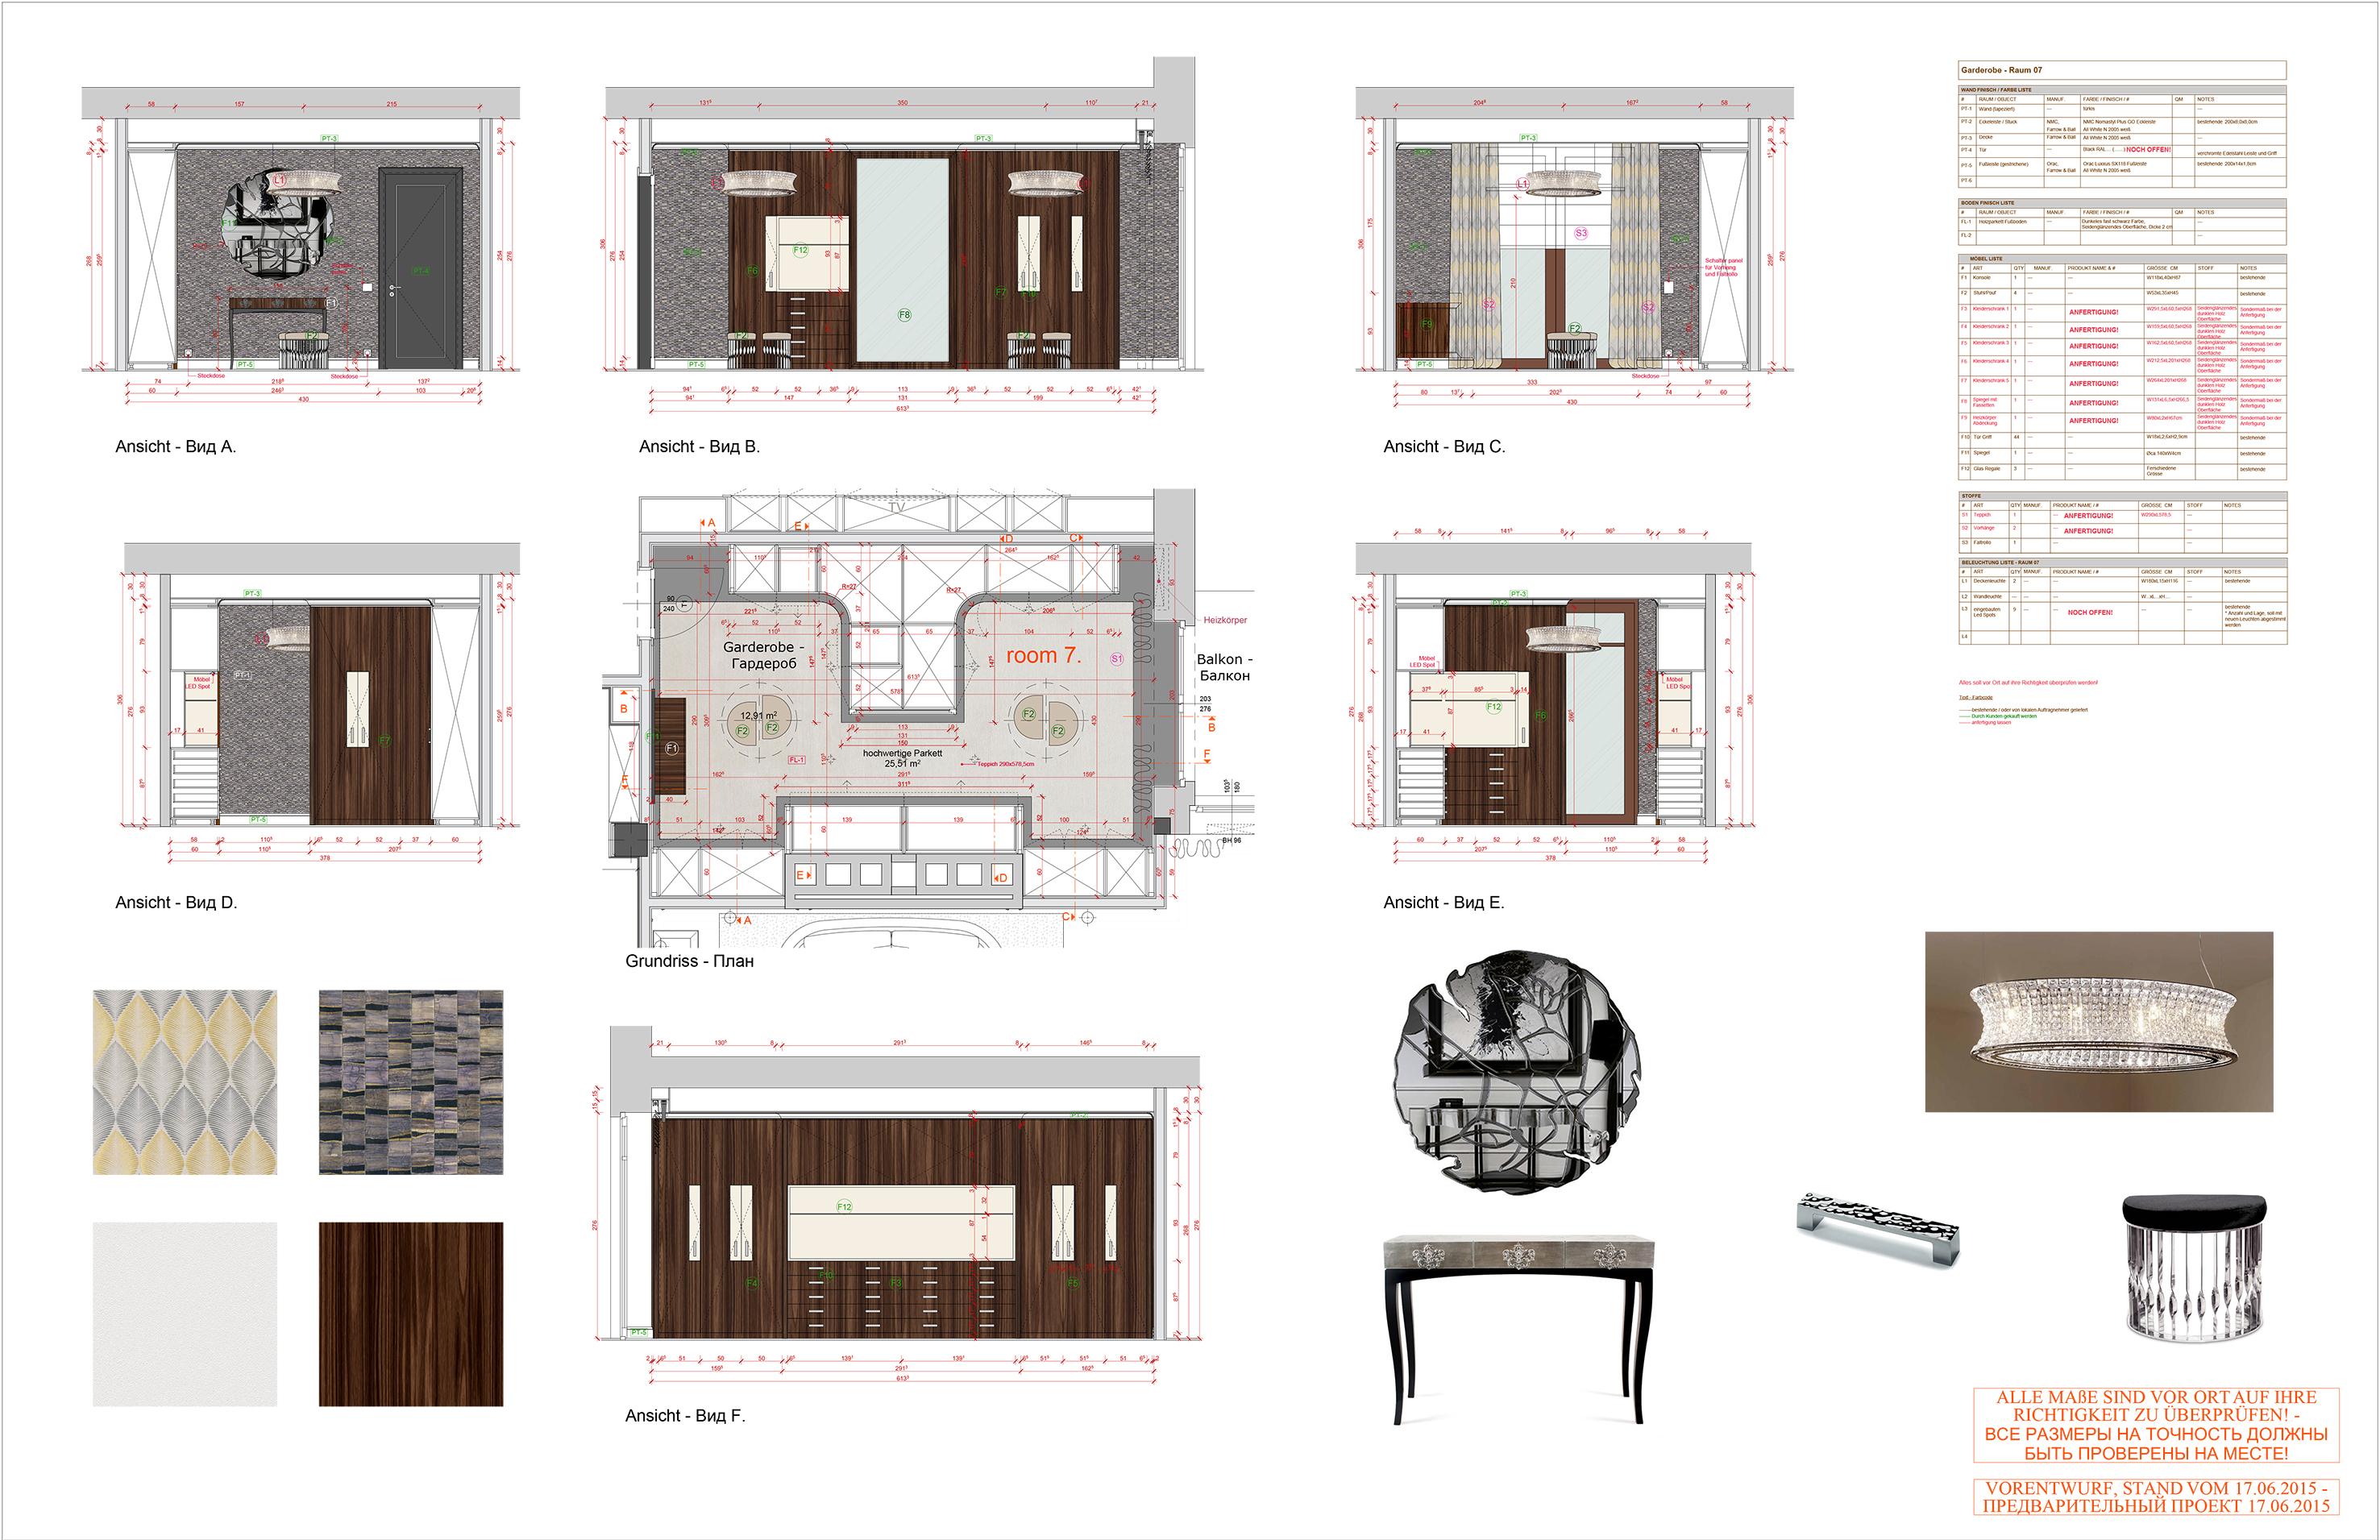 150617_GINER_Appartement_Garderobe Grundriss_Ansichten mit Mobel